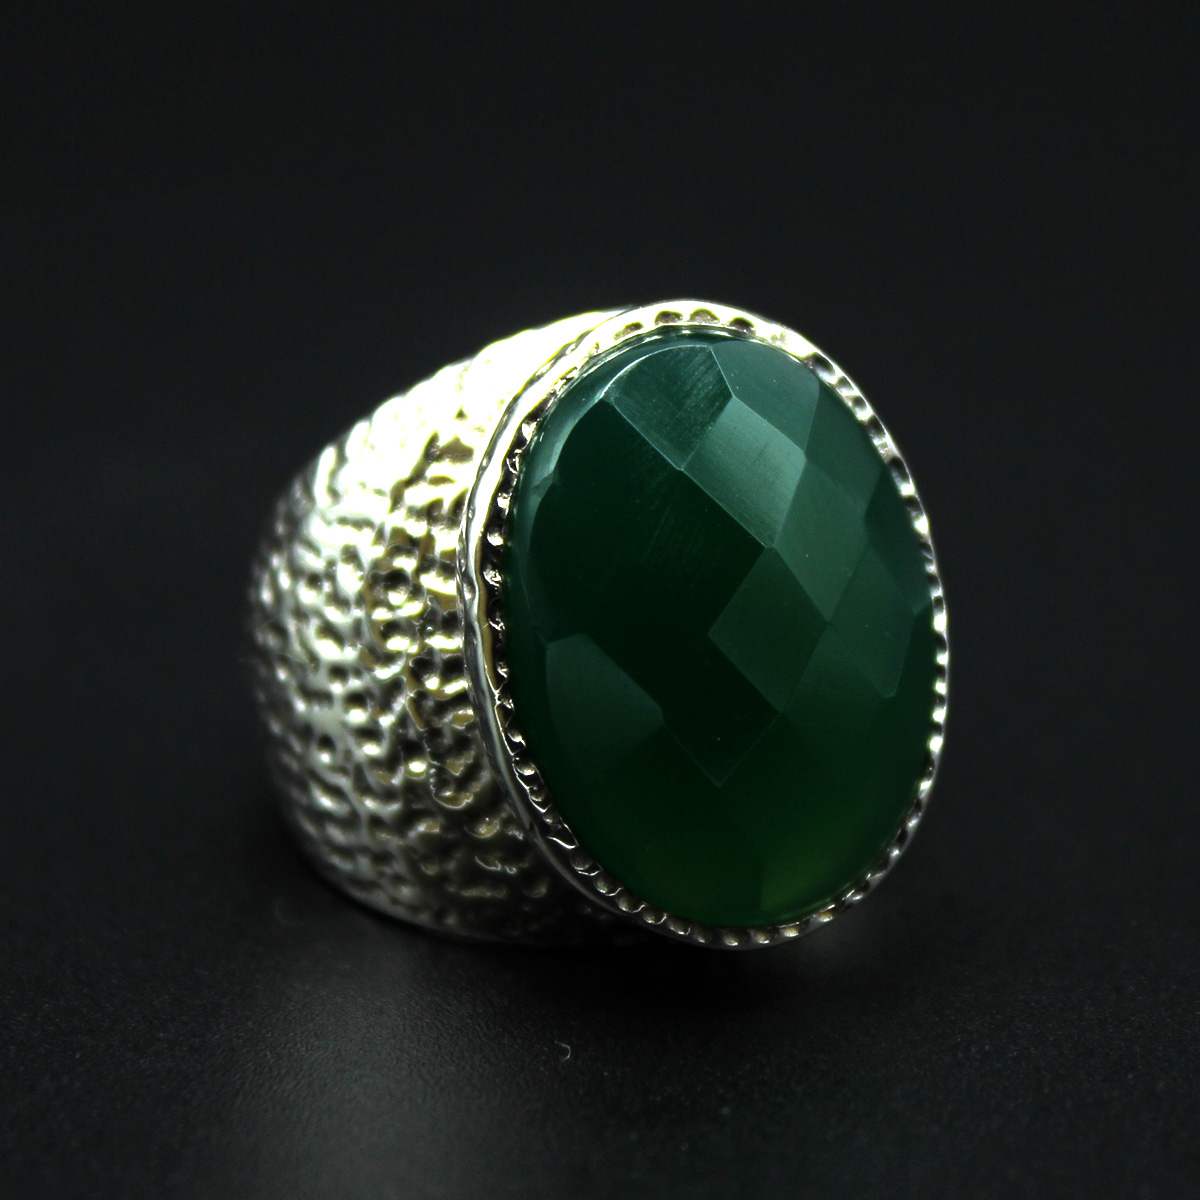 Кольцо, серебро, натуральный камень, 14.53 грамм, проба 925, размер 17